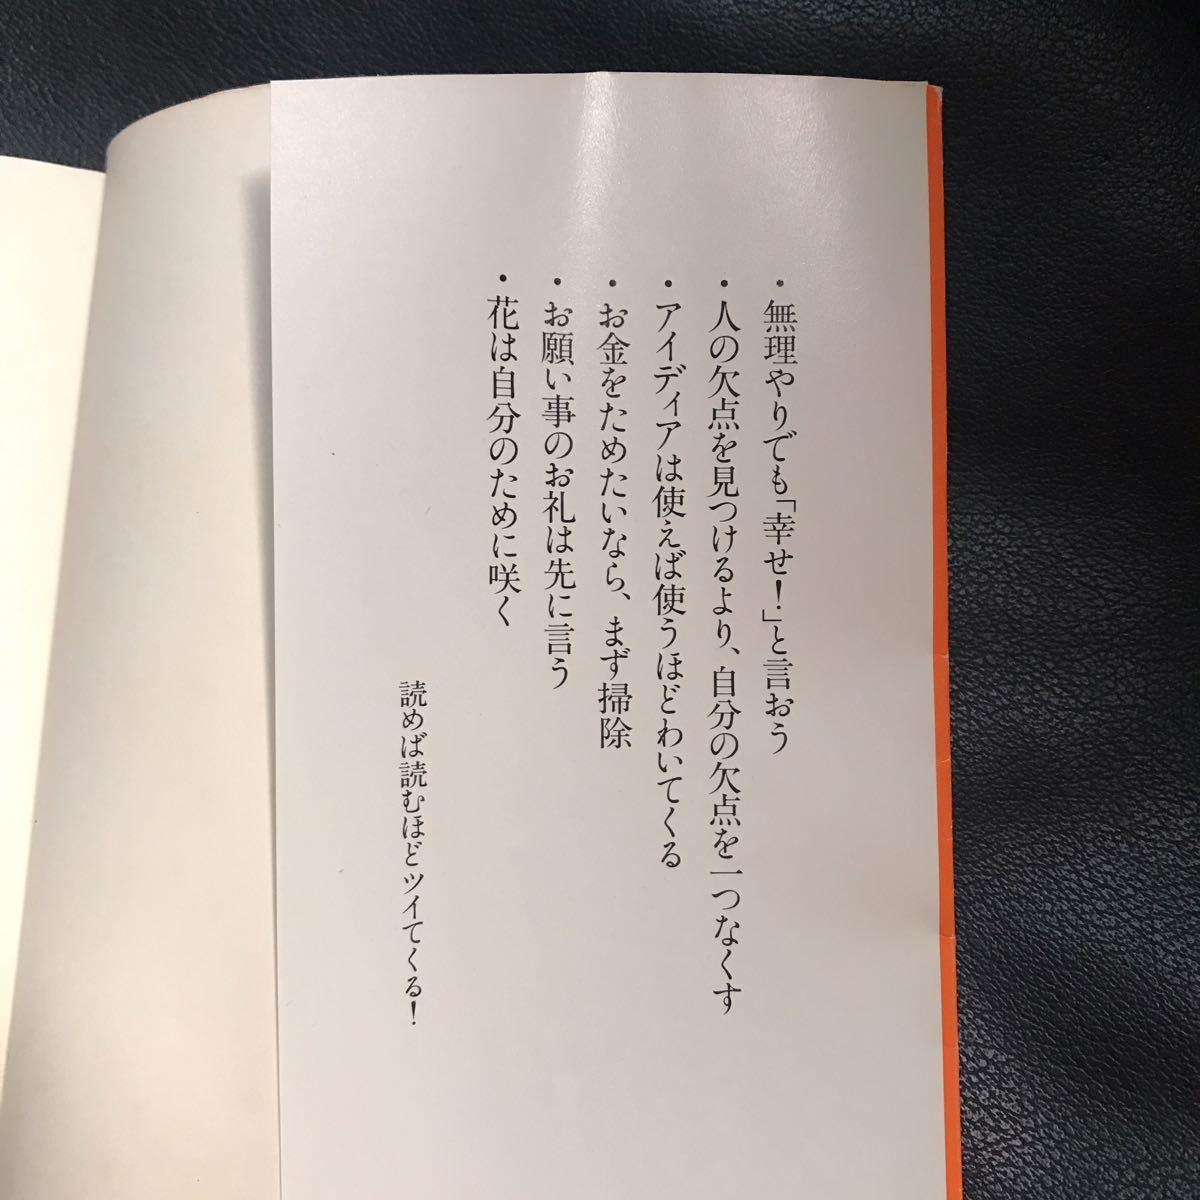 斎藤一人幸せをよぶ魔法の法則 いいことが雪崩のごとくやってくる!